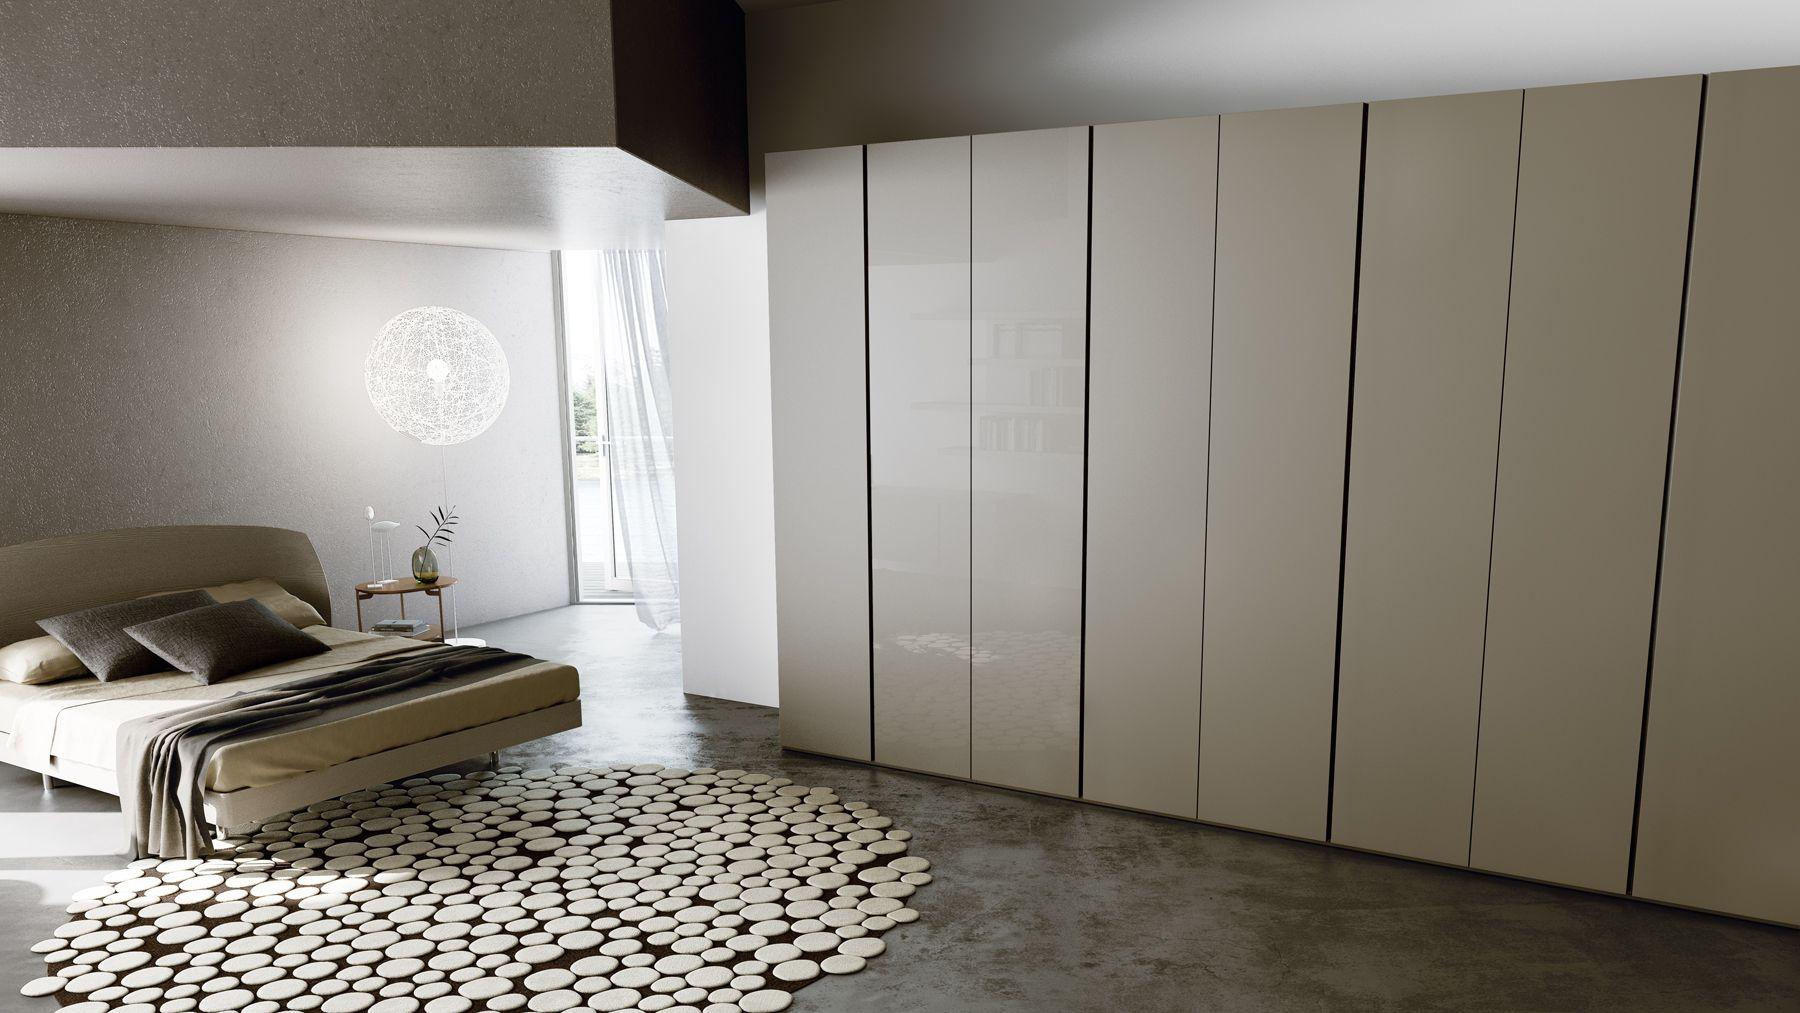 Invisible handles wardrobe flat wardrobe caccaro for Moschella arredamenti roma